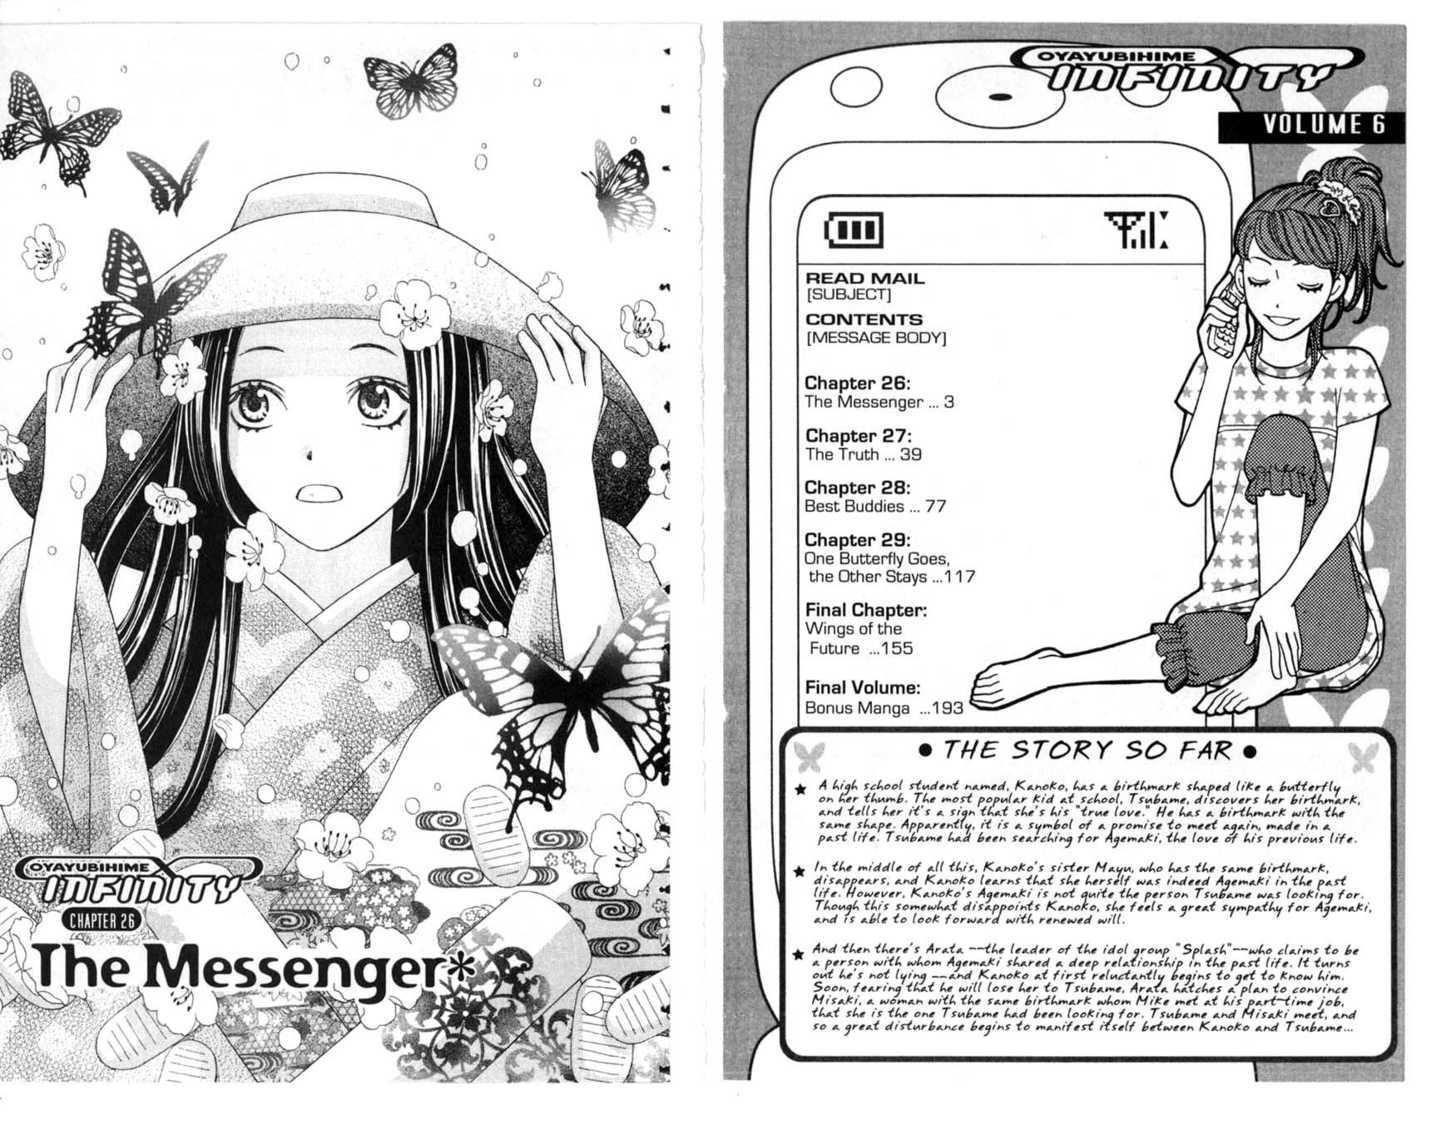 Oyayubihime Infinity 0 Page 3